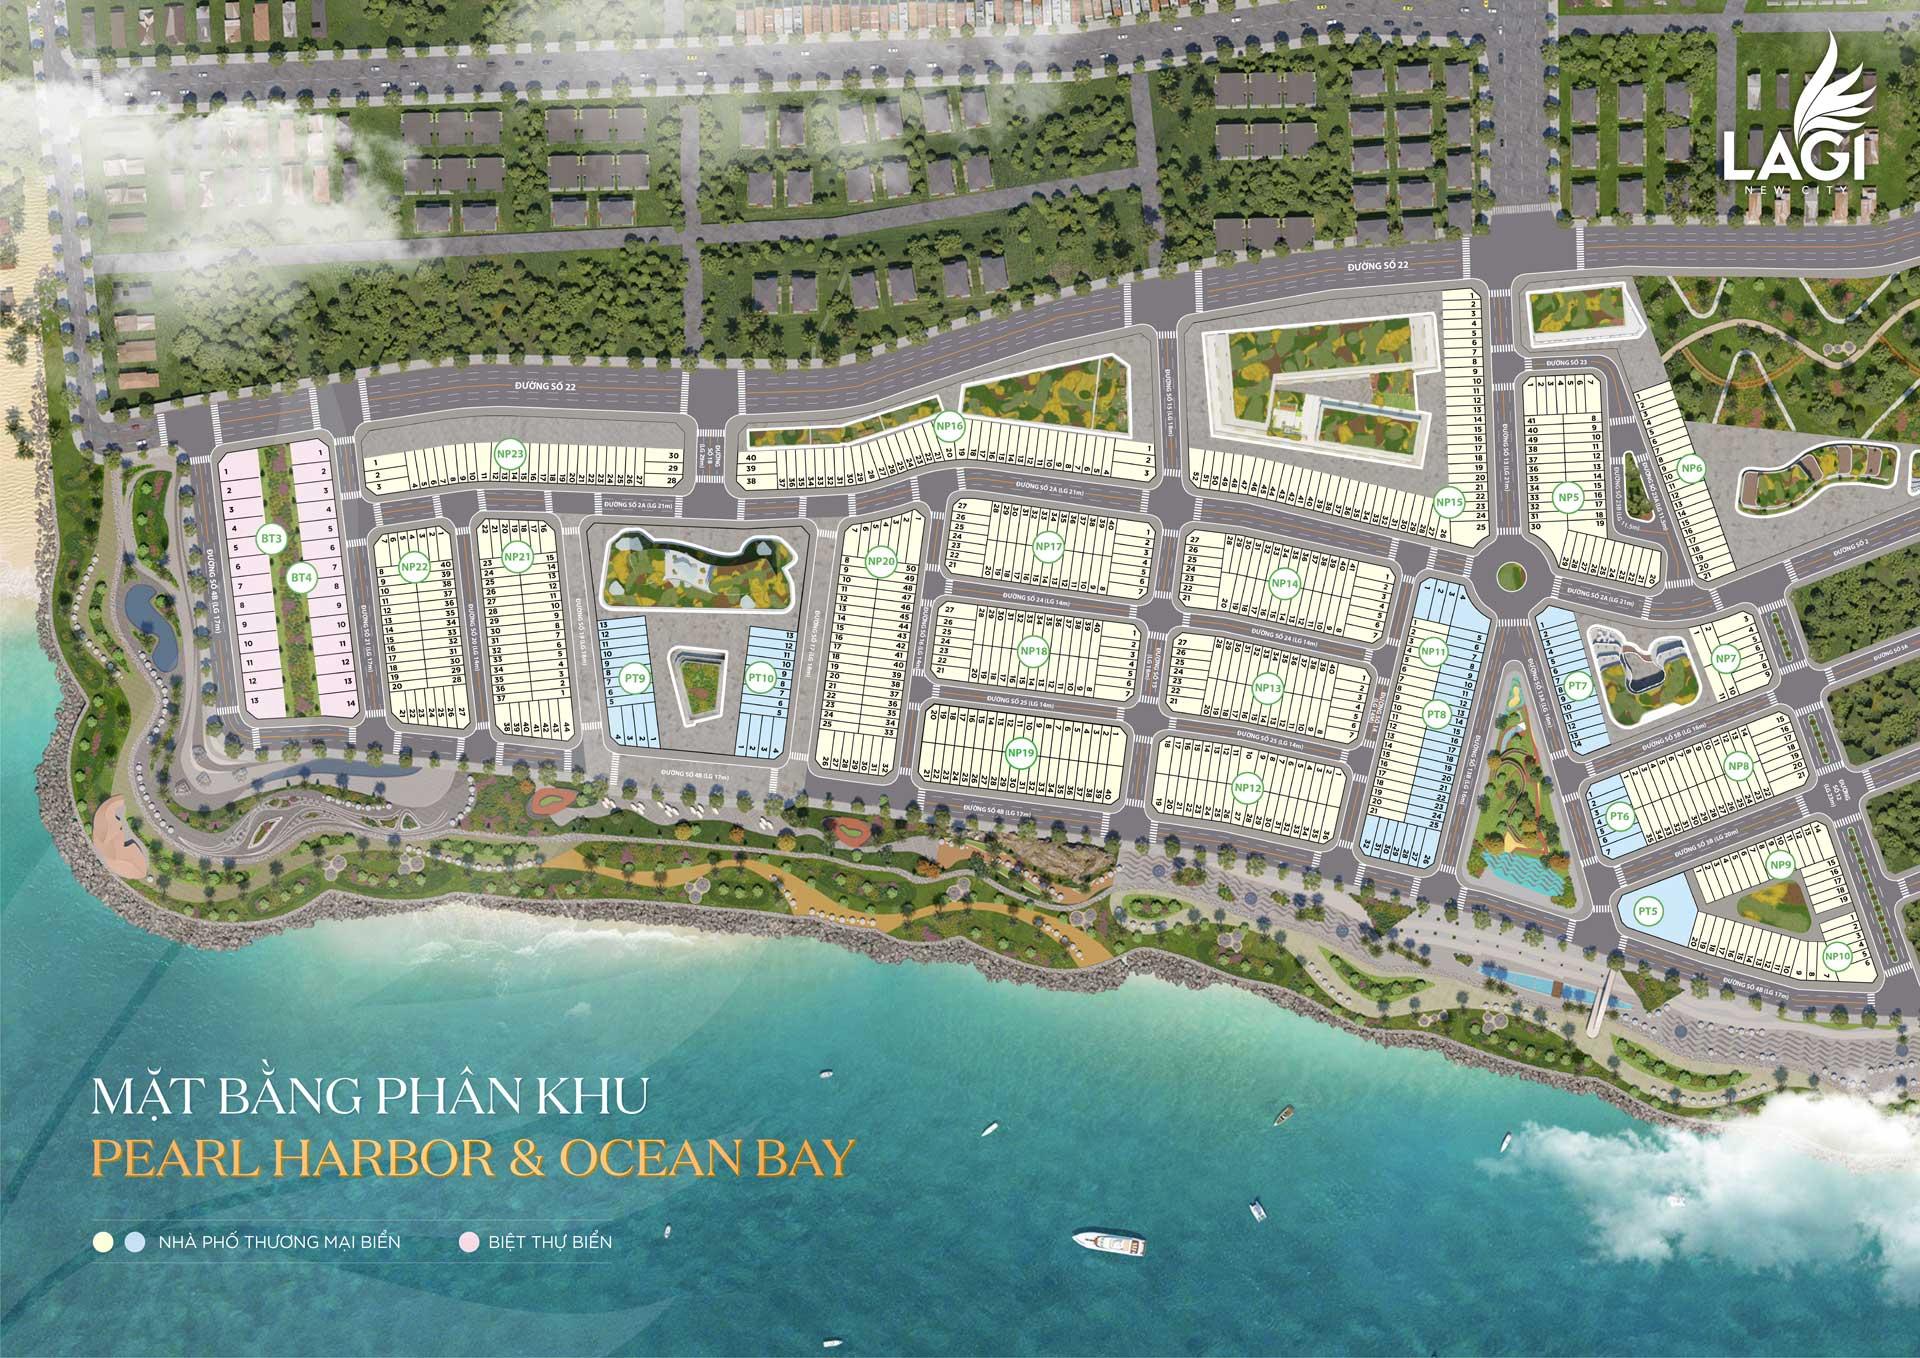 mat bang phan lo du an lagi new city - mat-bang-phan-lo-du-an-lagi-new-city